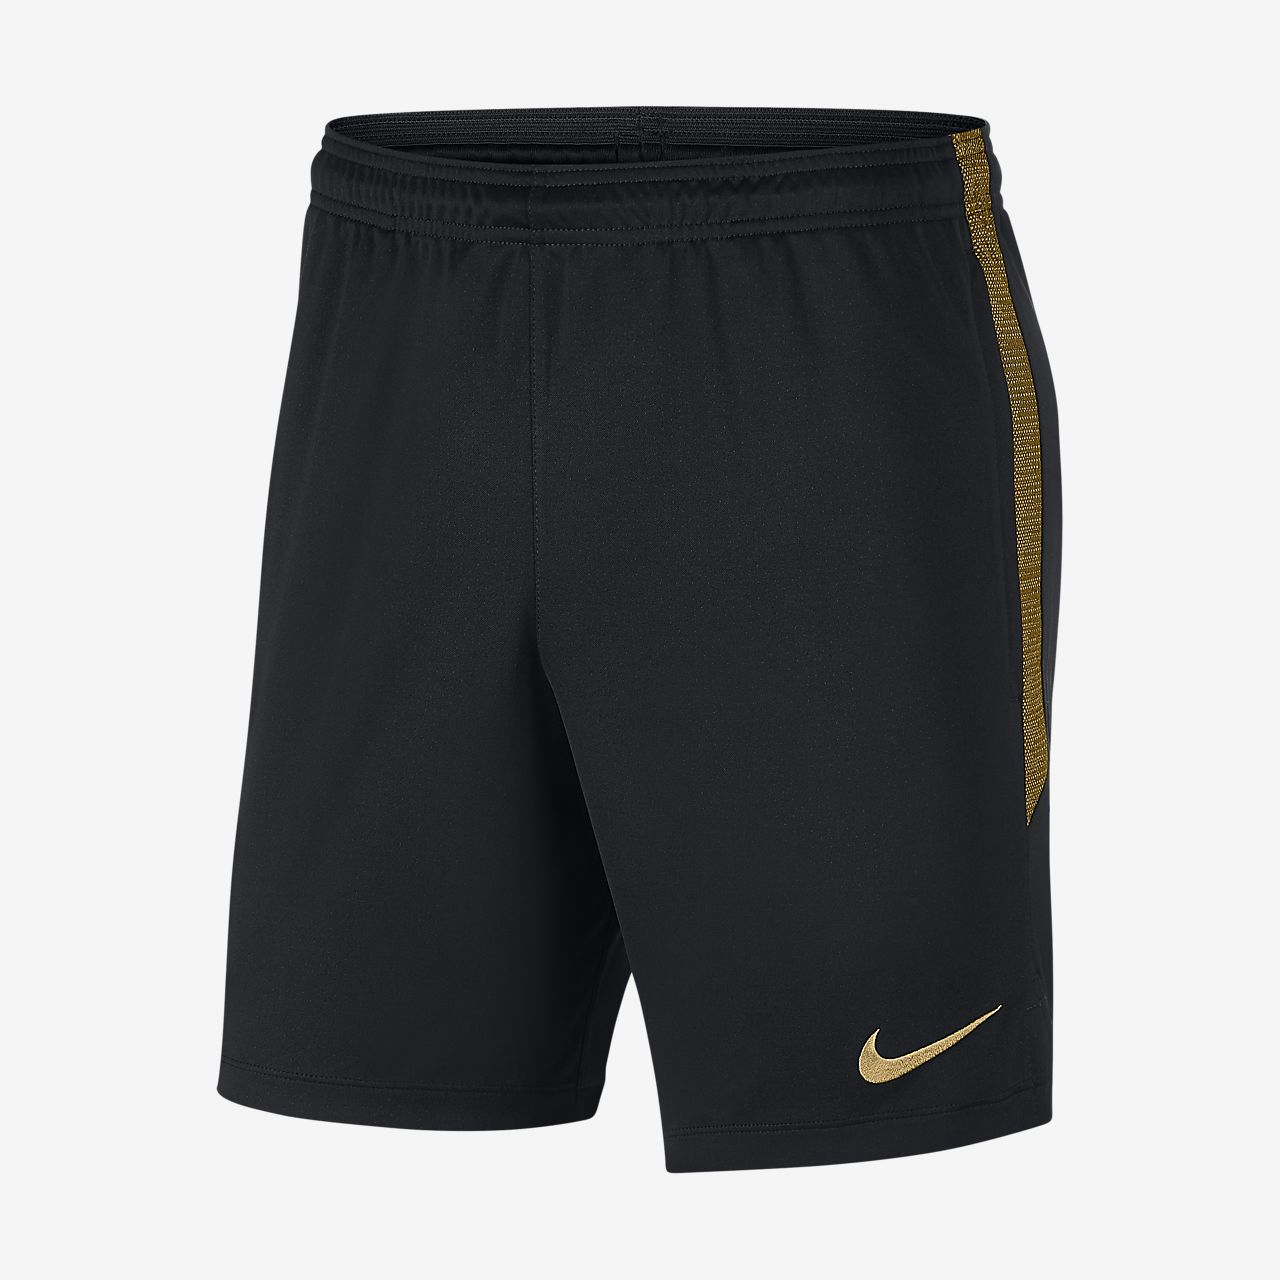 Nike Dri-FIT Inter Milan Strike Men's Football Shorts